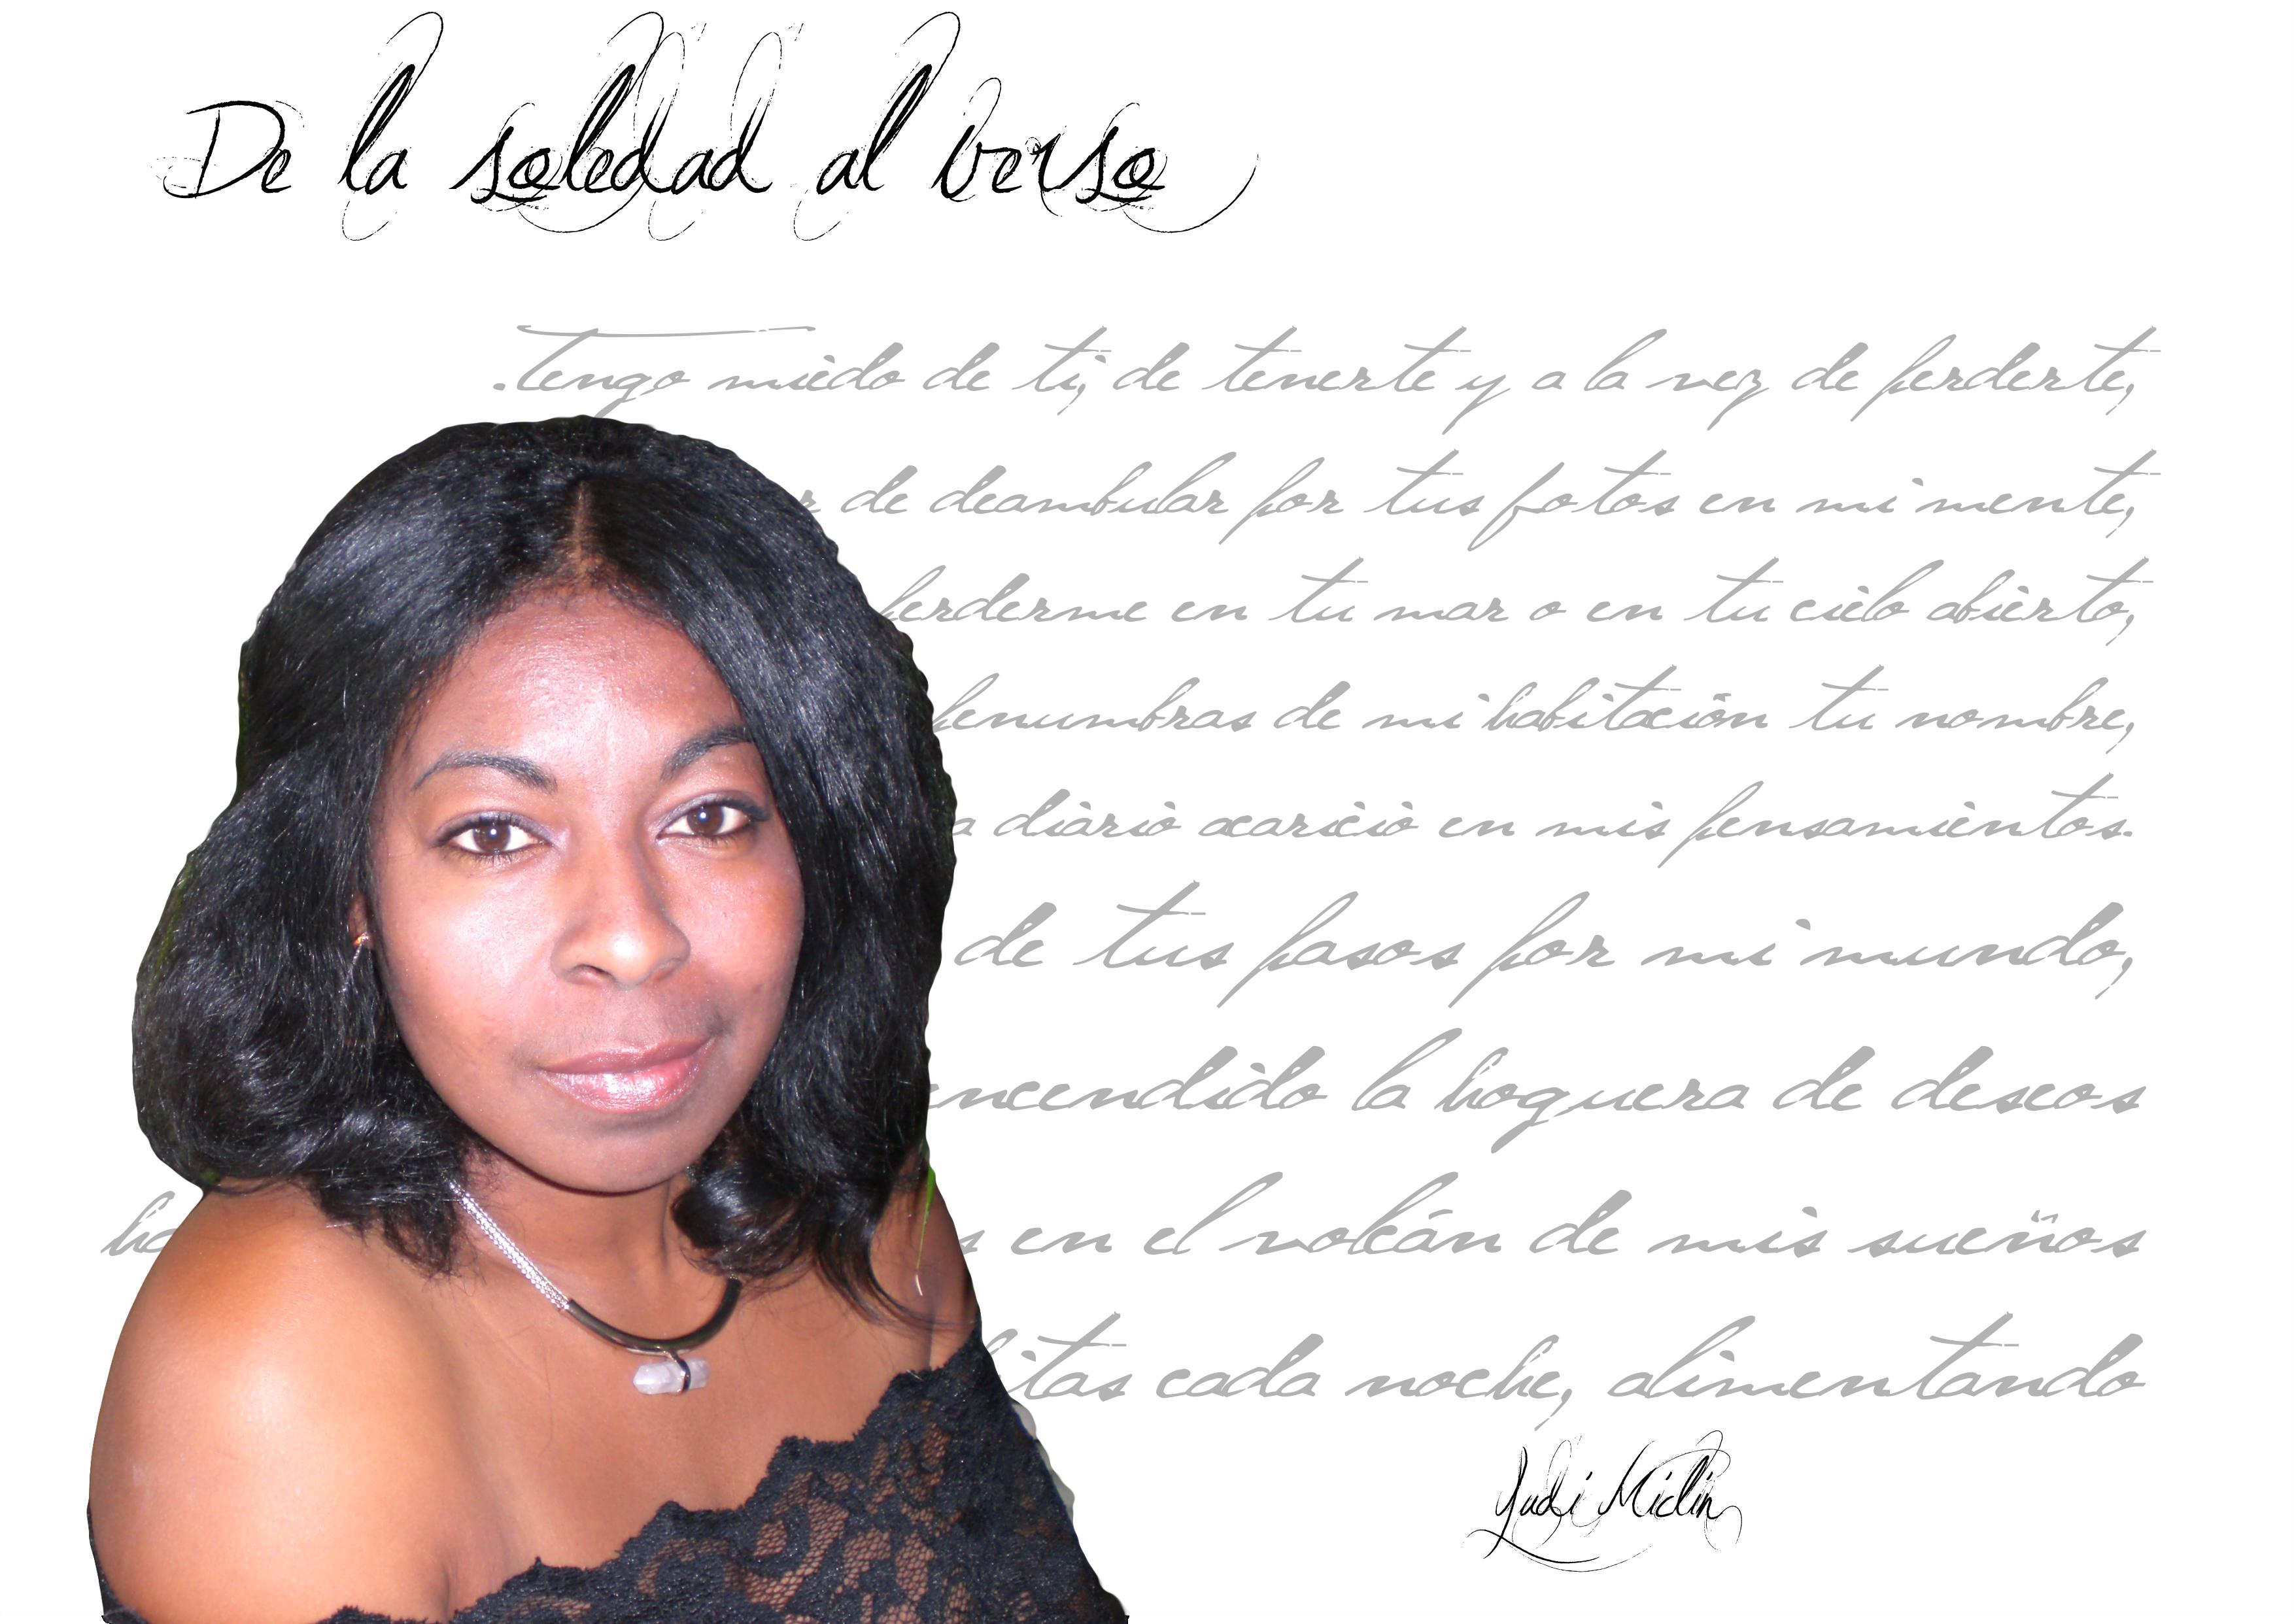 Entrevista a Yudi Miclin entrevista - FichaAutor - Yudi Miclin: la poesía no solo libera el alma del poeta sino que construye el alma de quienes la leen o la escuchan